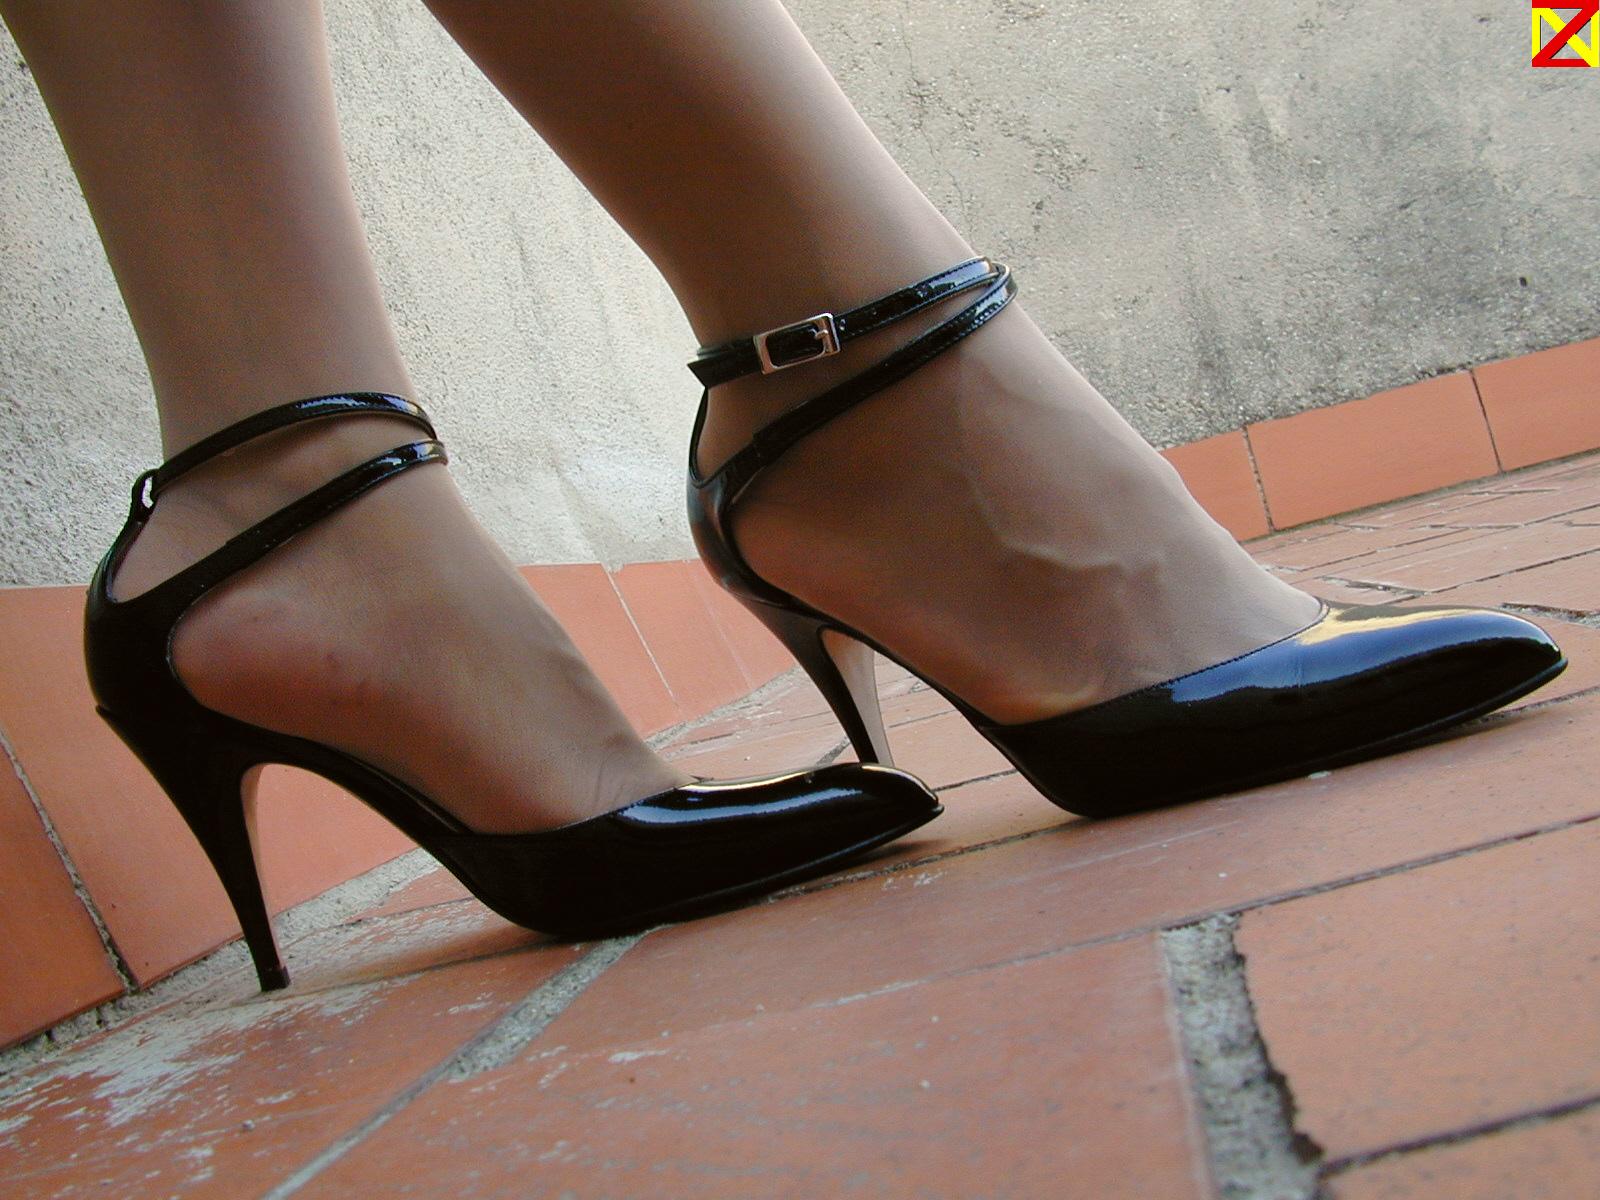 f339c43457ba Fondos de pantalla : negro, pantys, Medias, Pies, España, Zapatos ...